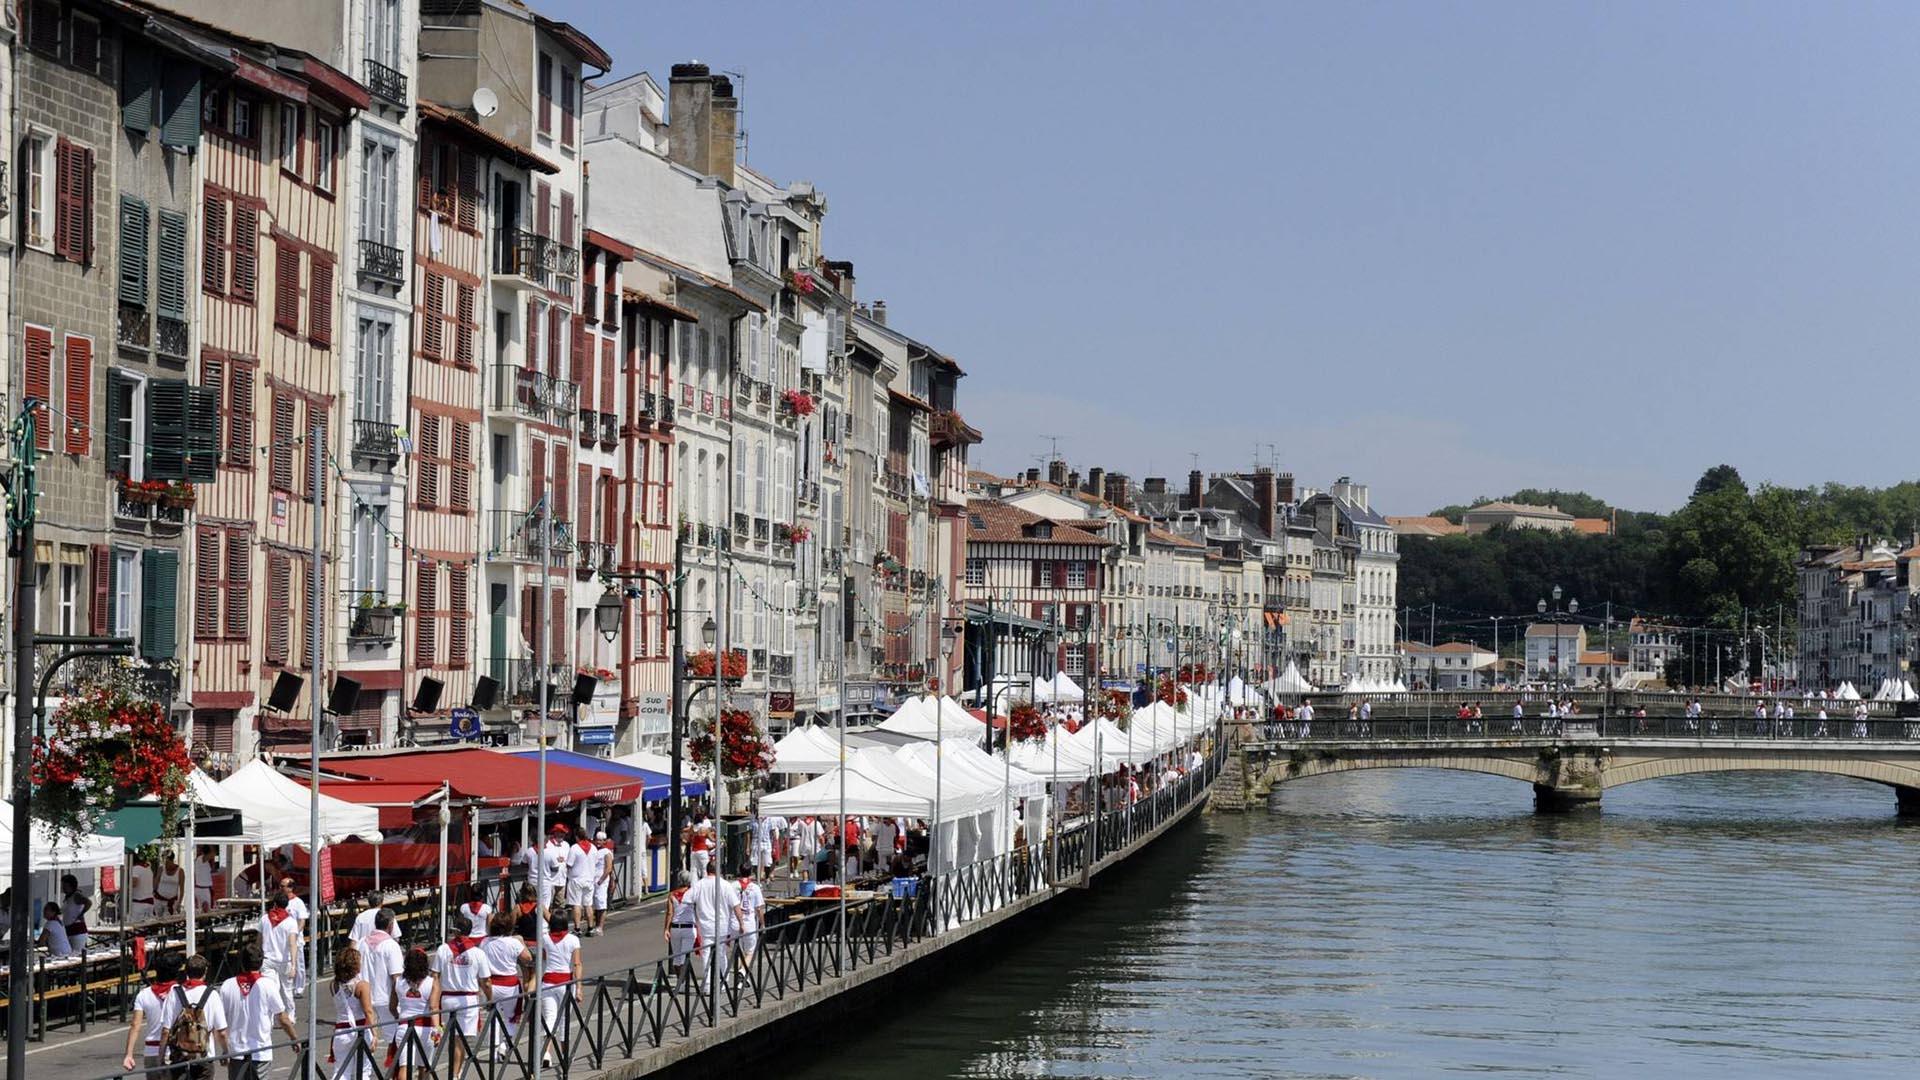 ville-de-bayonne-photos